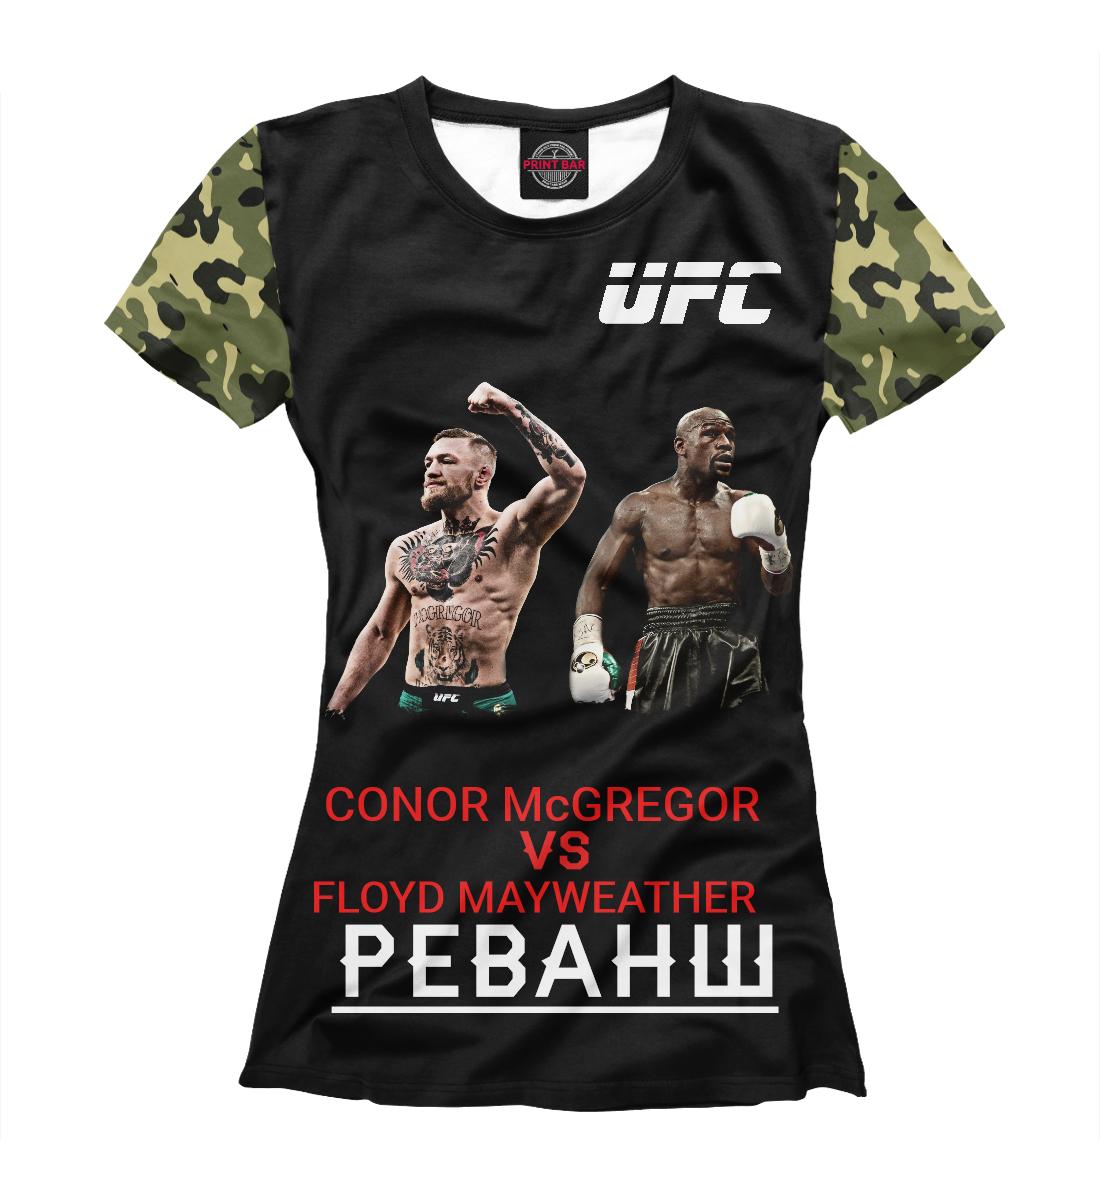 Купить Conor McGregor VS Floyd Mayweather | UFC, Printbar, Футболки, MNU-601576-fut-1